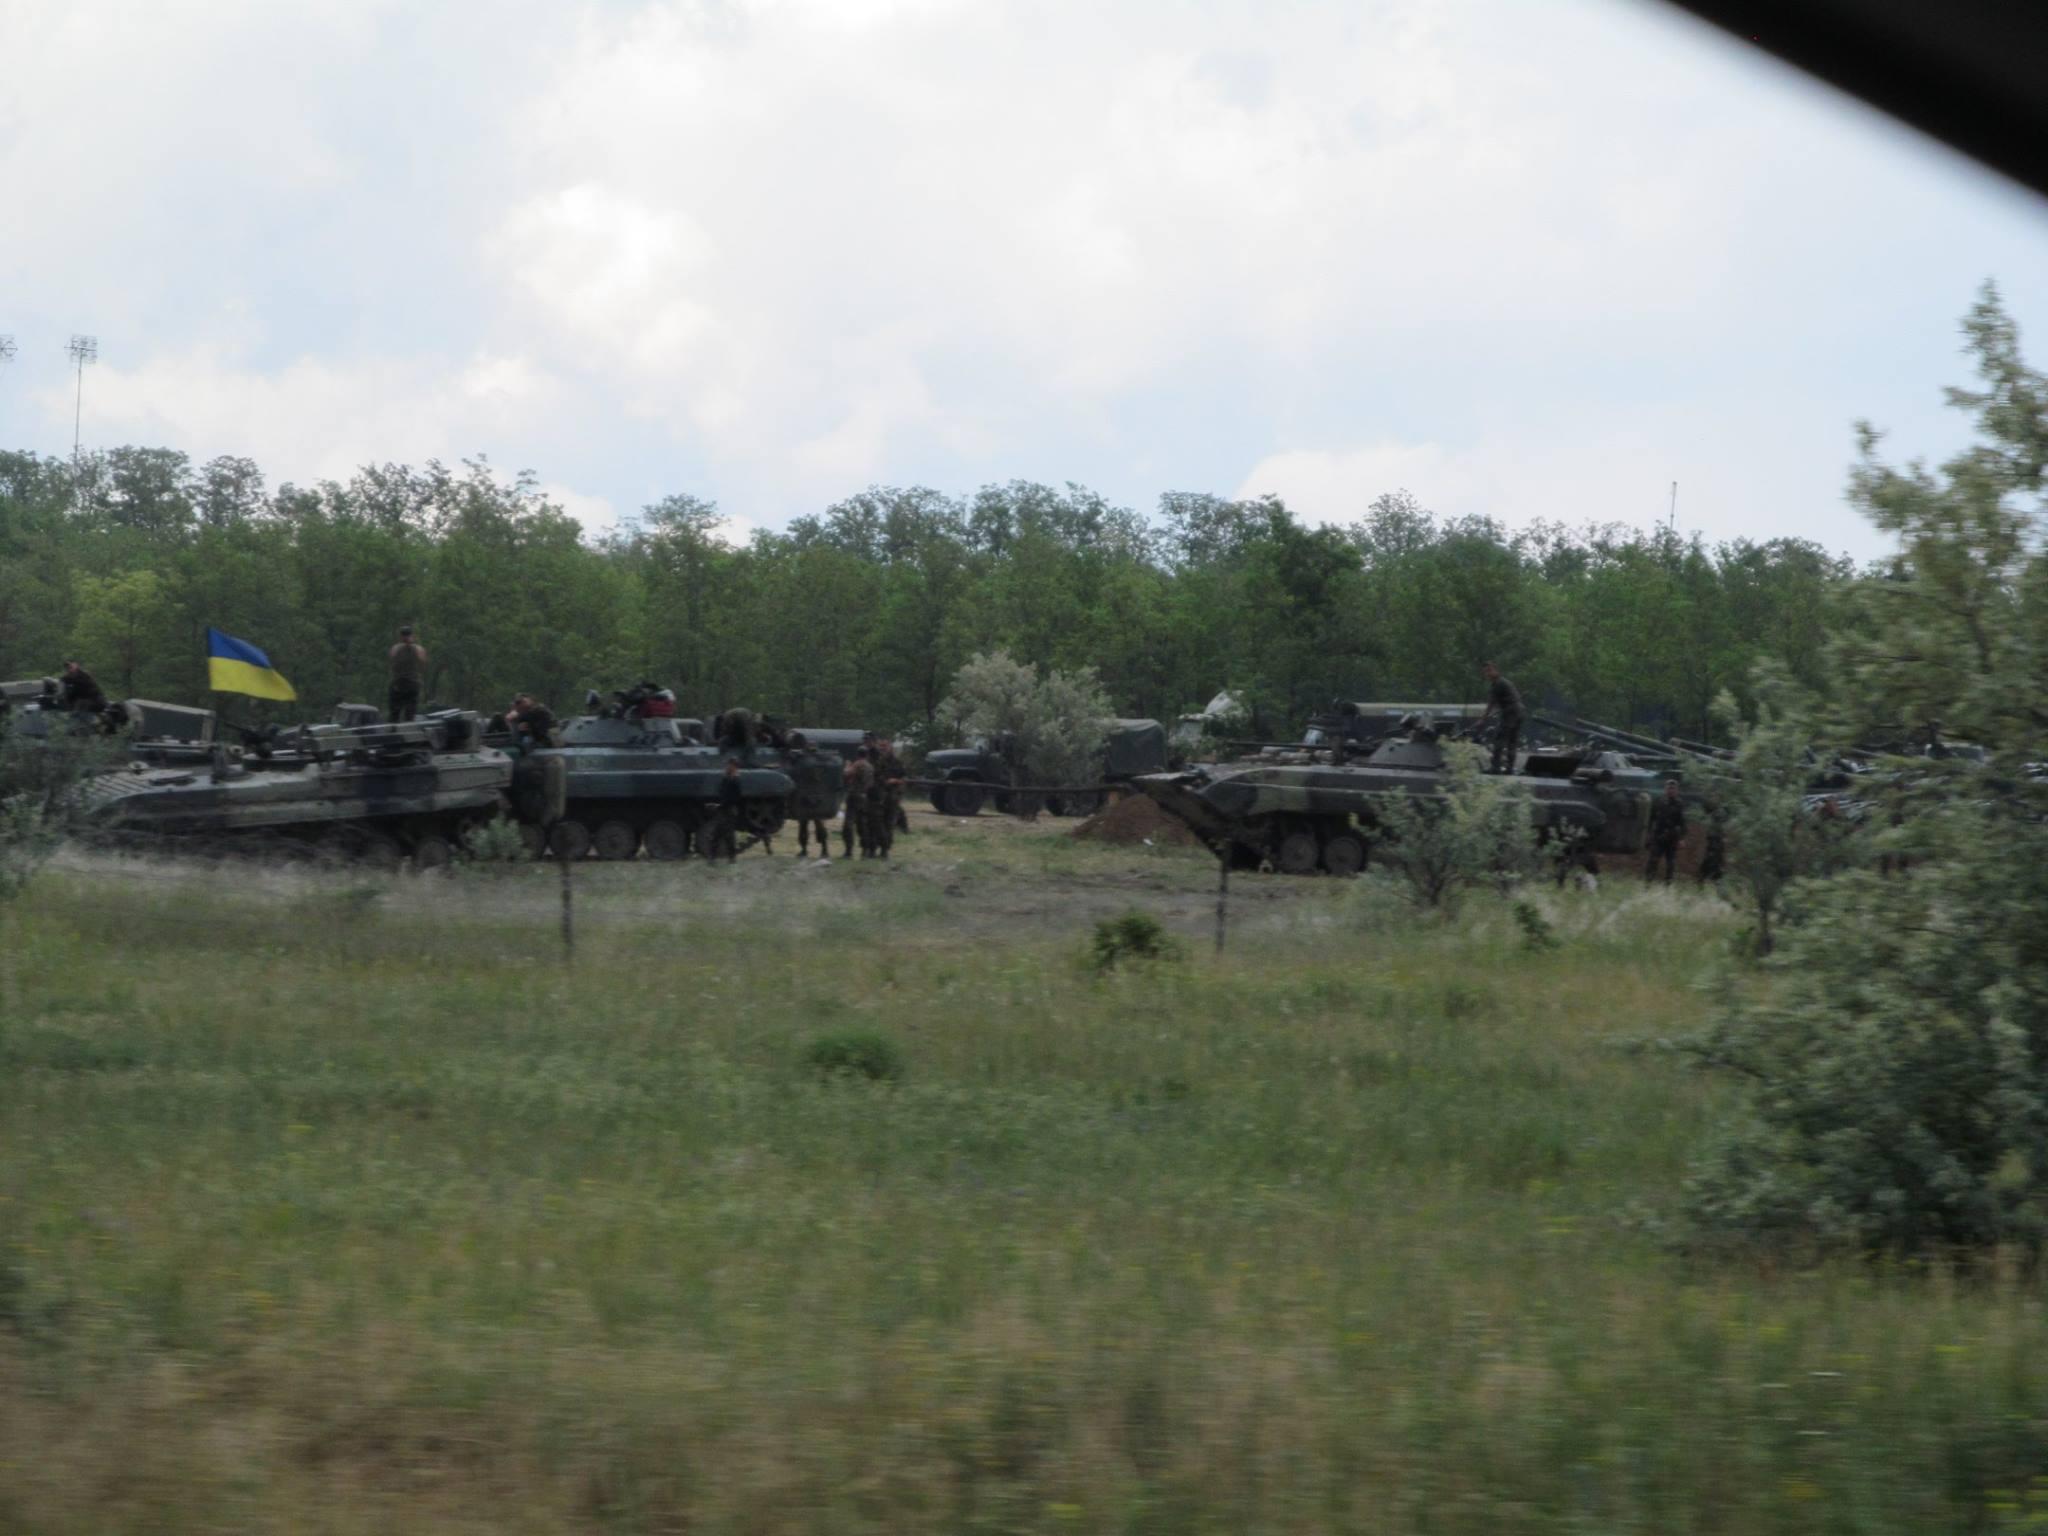 Скопление бронетехники воткрытом поле. Один налет российской авиации— ився «броня» уничтожена.